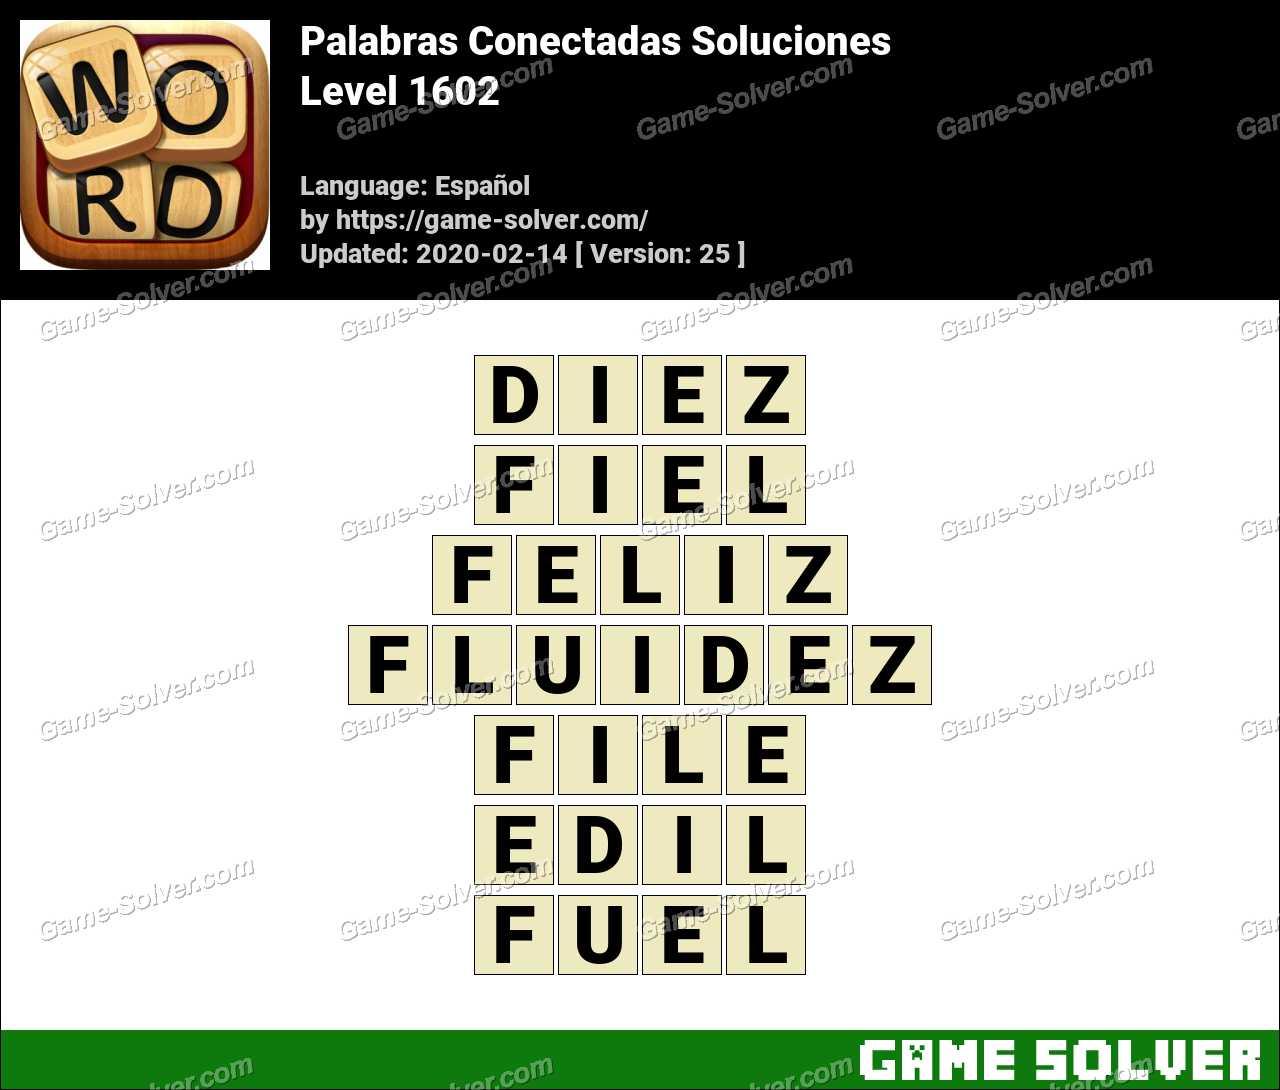 Palabras Conectadas Nivel 1602 Soluciones